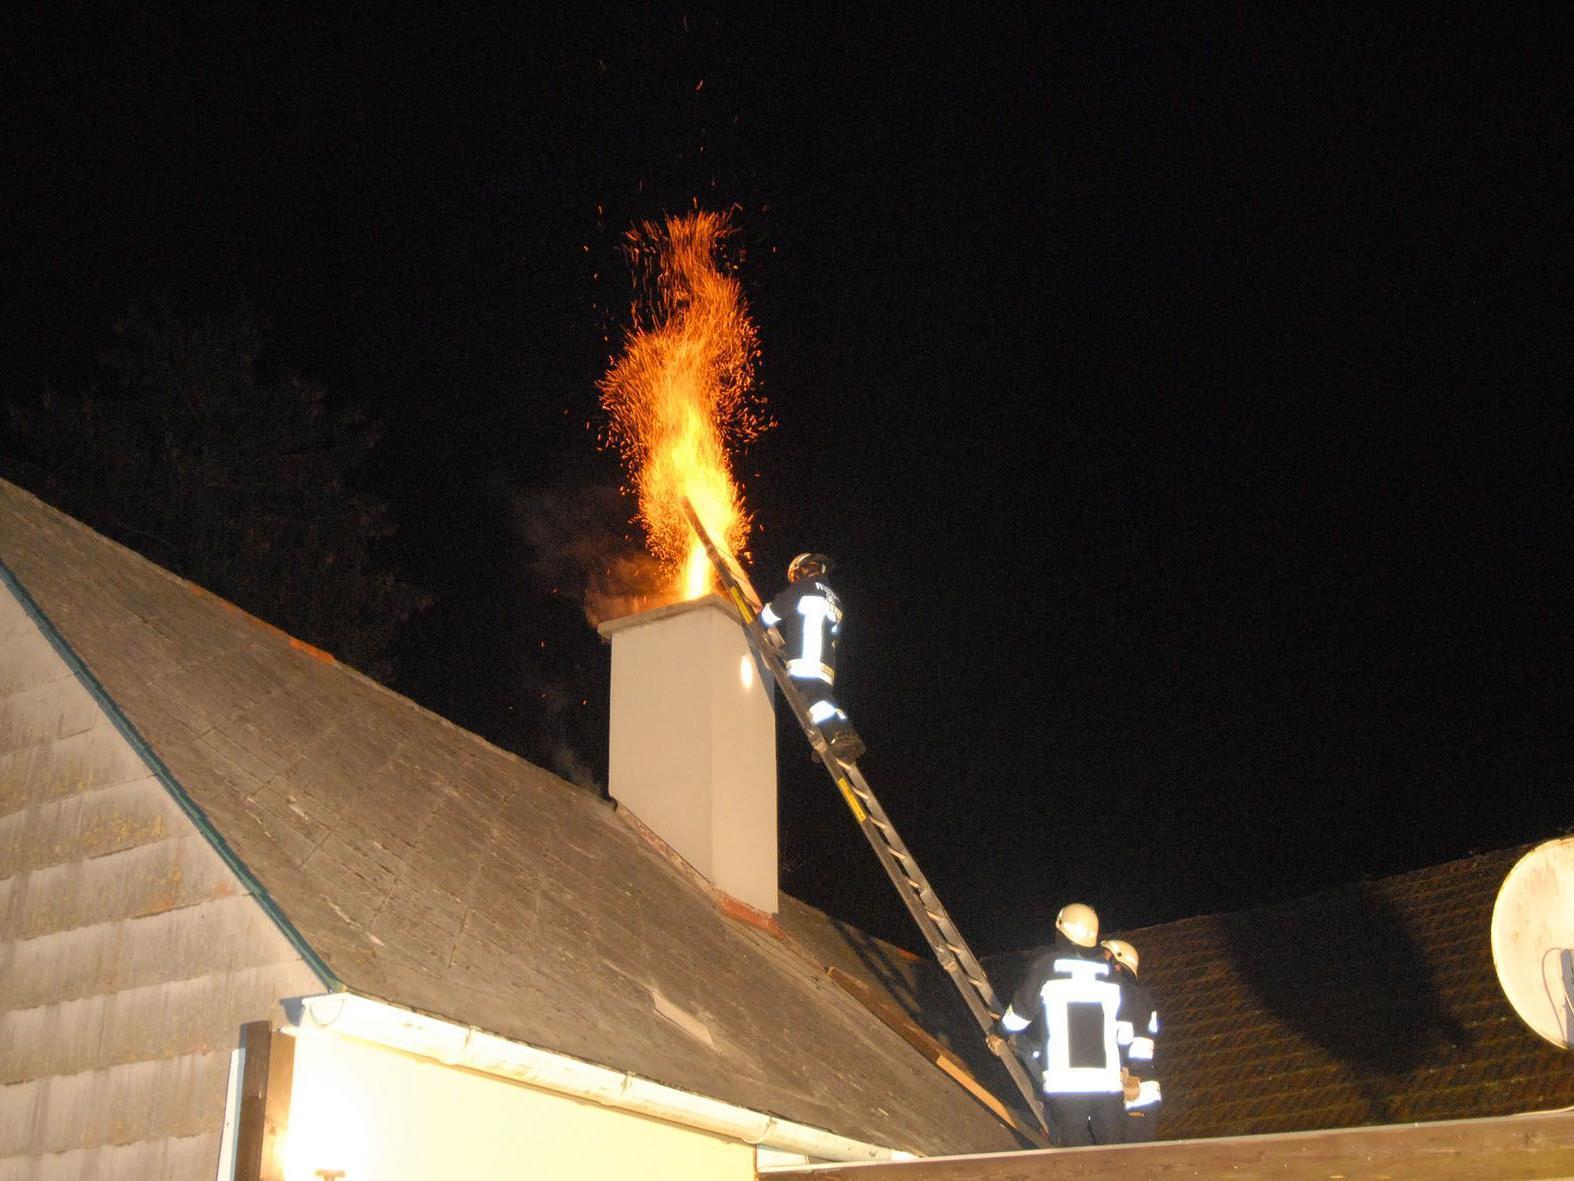 Spektakulär aber zum Glück nix passiert: Kaminbrand in Sulz